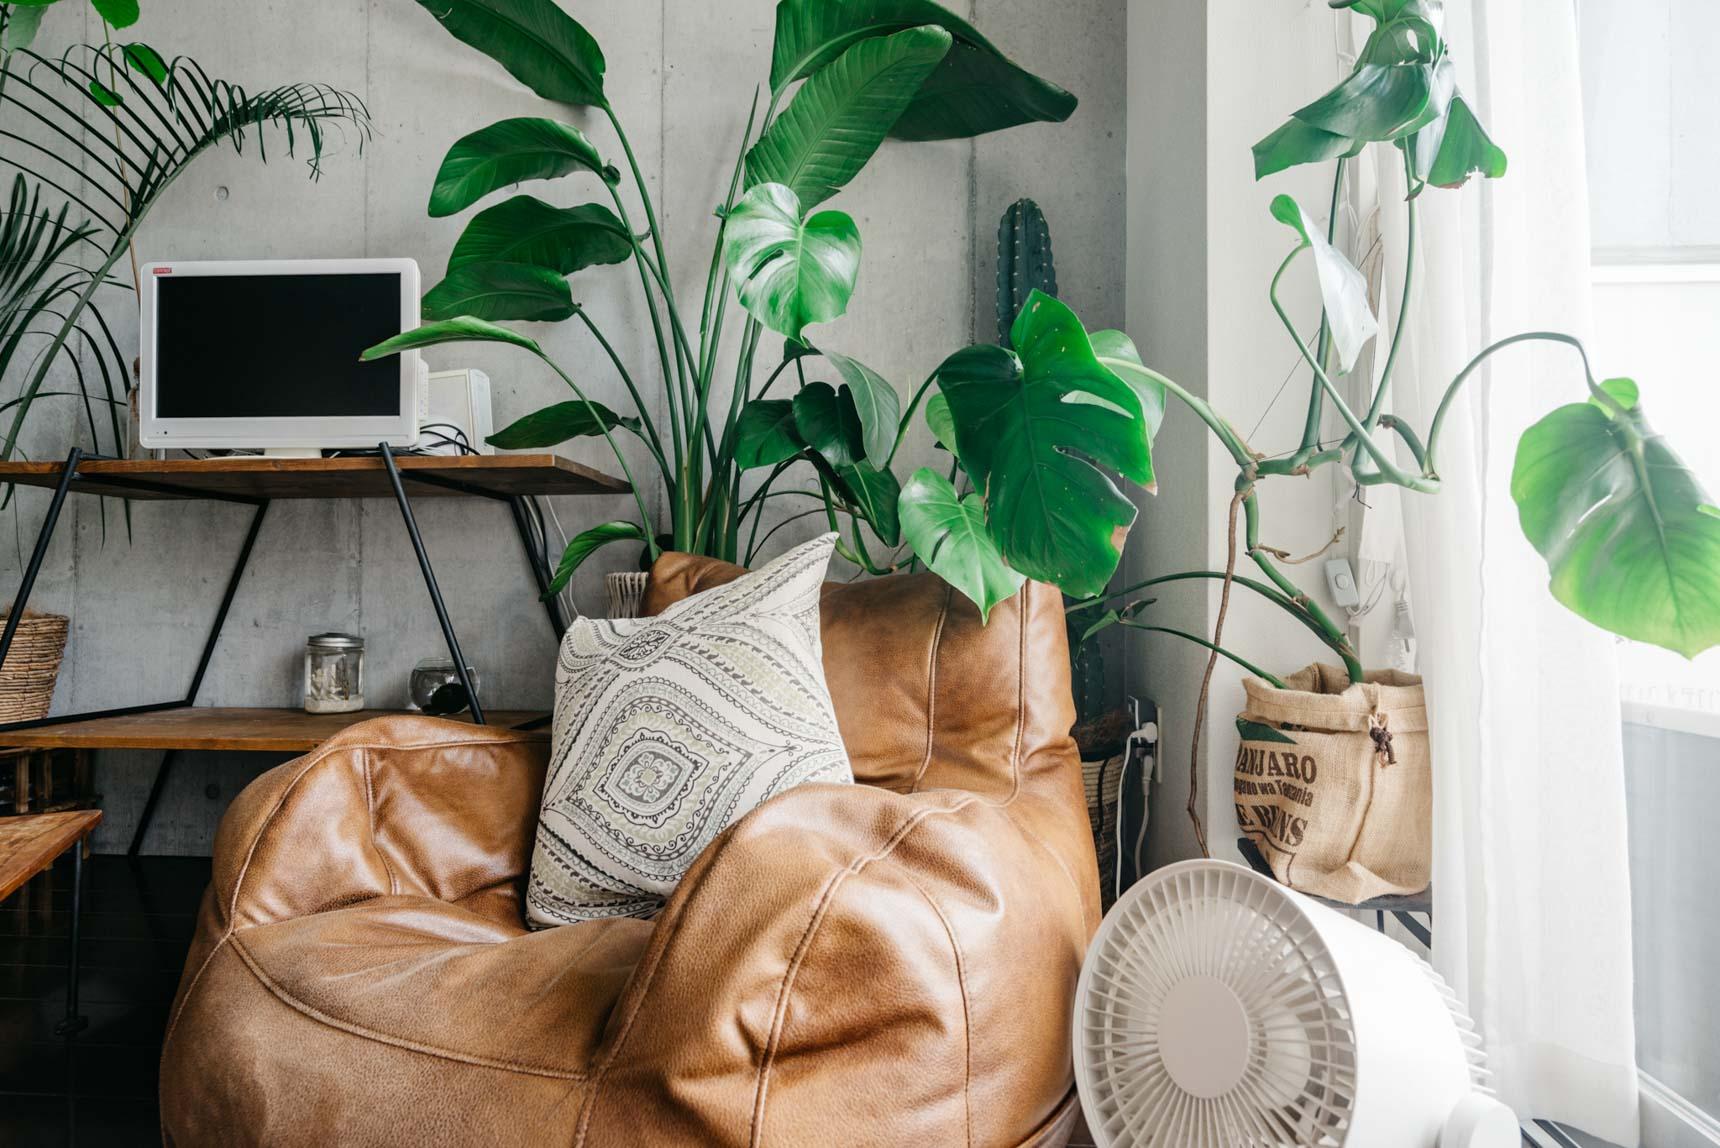 部屋にある大きな家具といえば、グリーンとテレビボード以外には、こちらのクッションソファぐらい。ひとりでも動かせる大きさのもので、テレビを見るとき、読書をするときなどベストポジションに移動して使います。